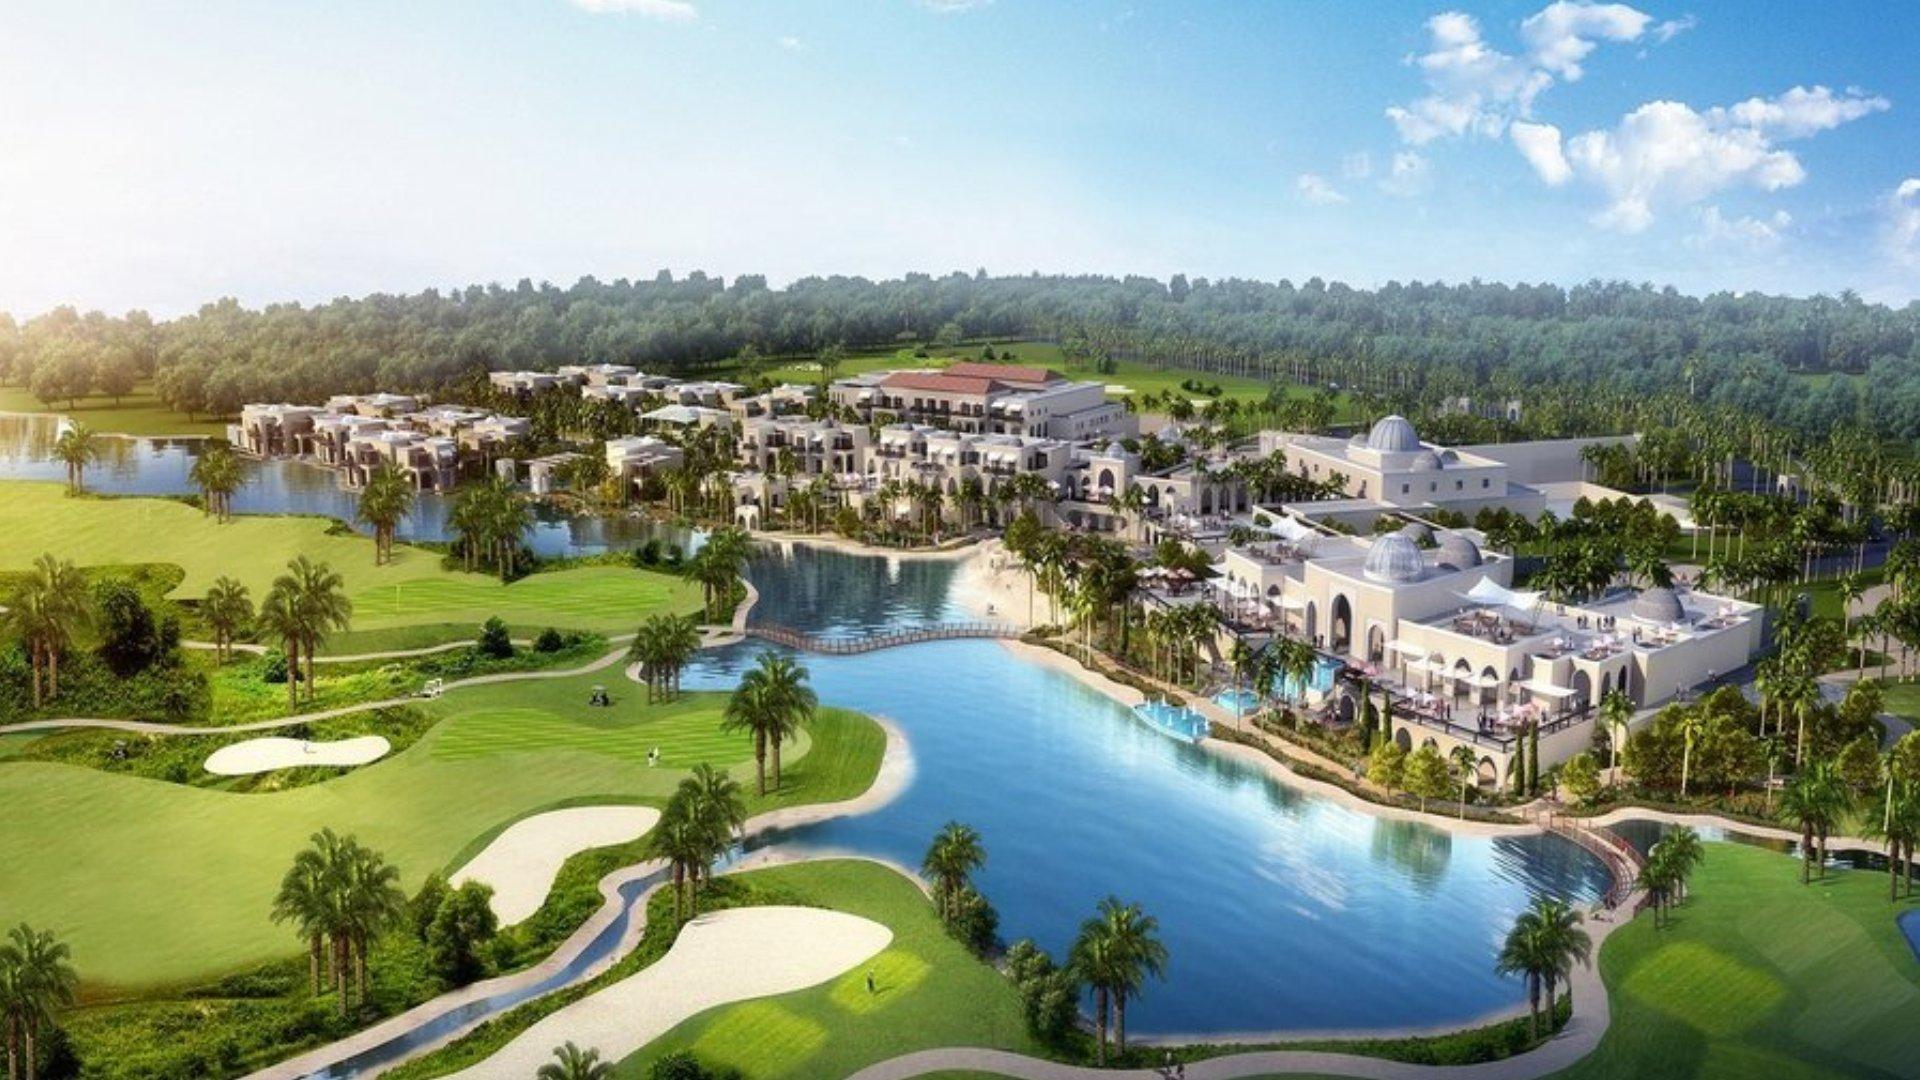 Villa en venta en Dubai, EAU, 6 dormitorios, 278 m2, № 24338 – foto 3